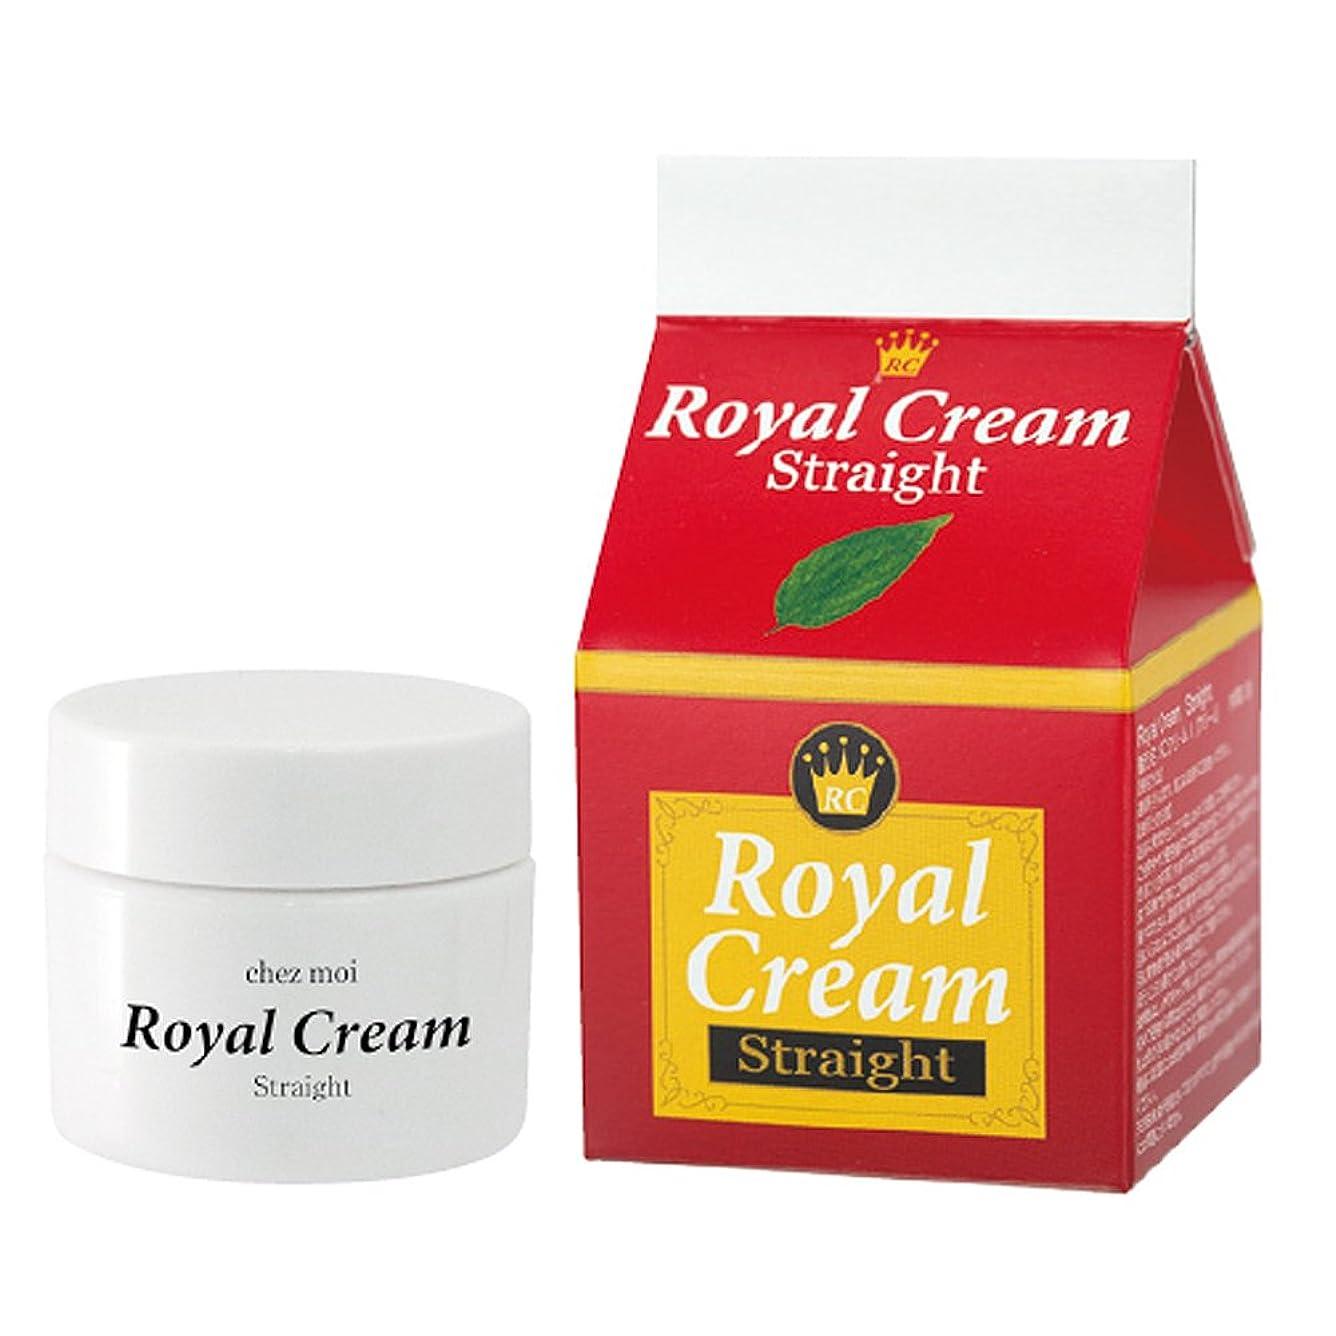 米ドルデータム換気するシェモア Royal Cream Straight(ロイヤルクリームストレート) 30g